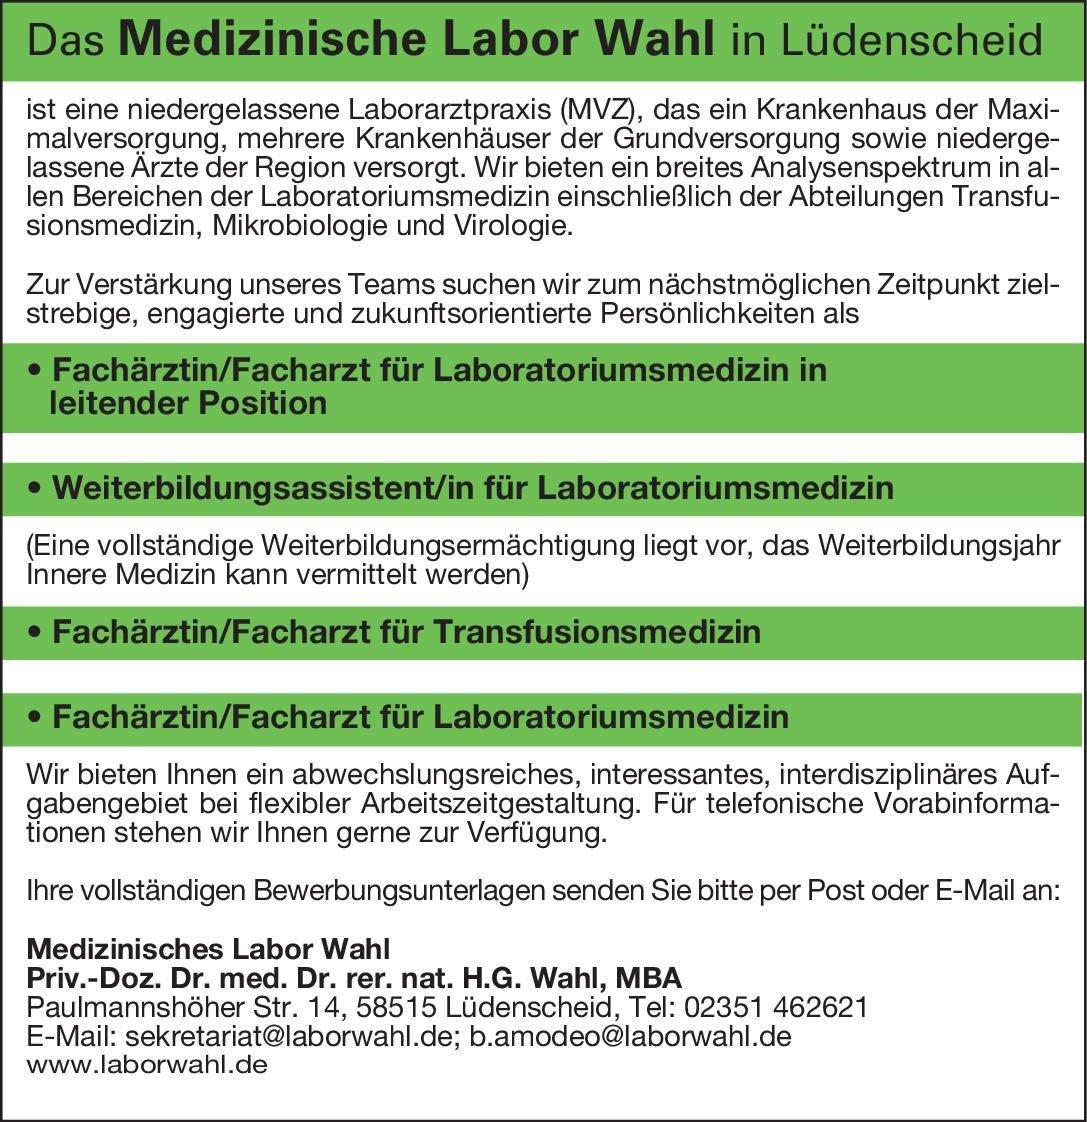 Medizinisches Labor Wahl Fachärztin/Facharzt für Transfusionsmedizin Transfusionsmedizin Arzt / Facharzt